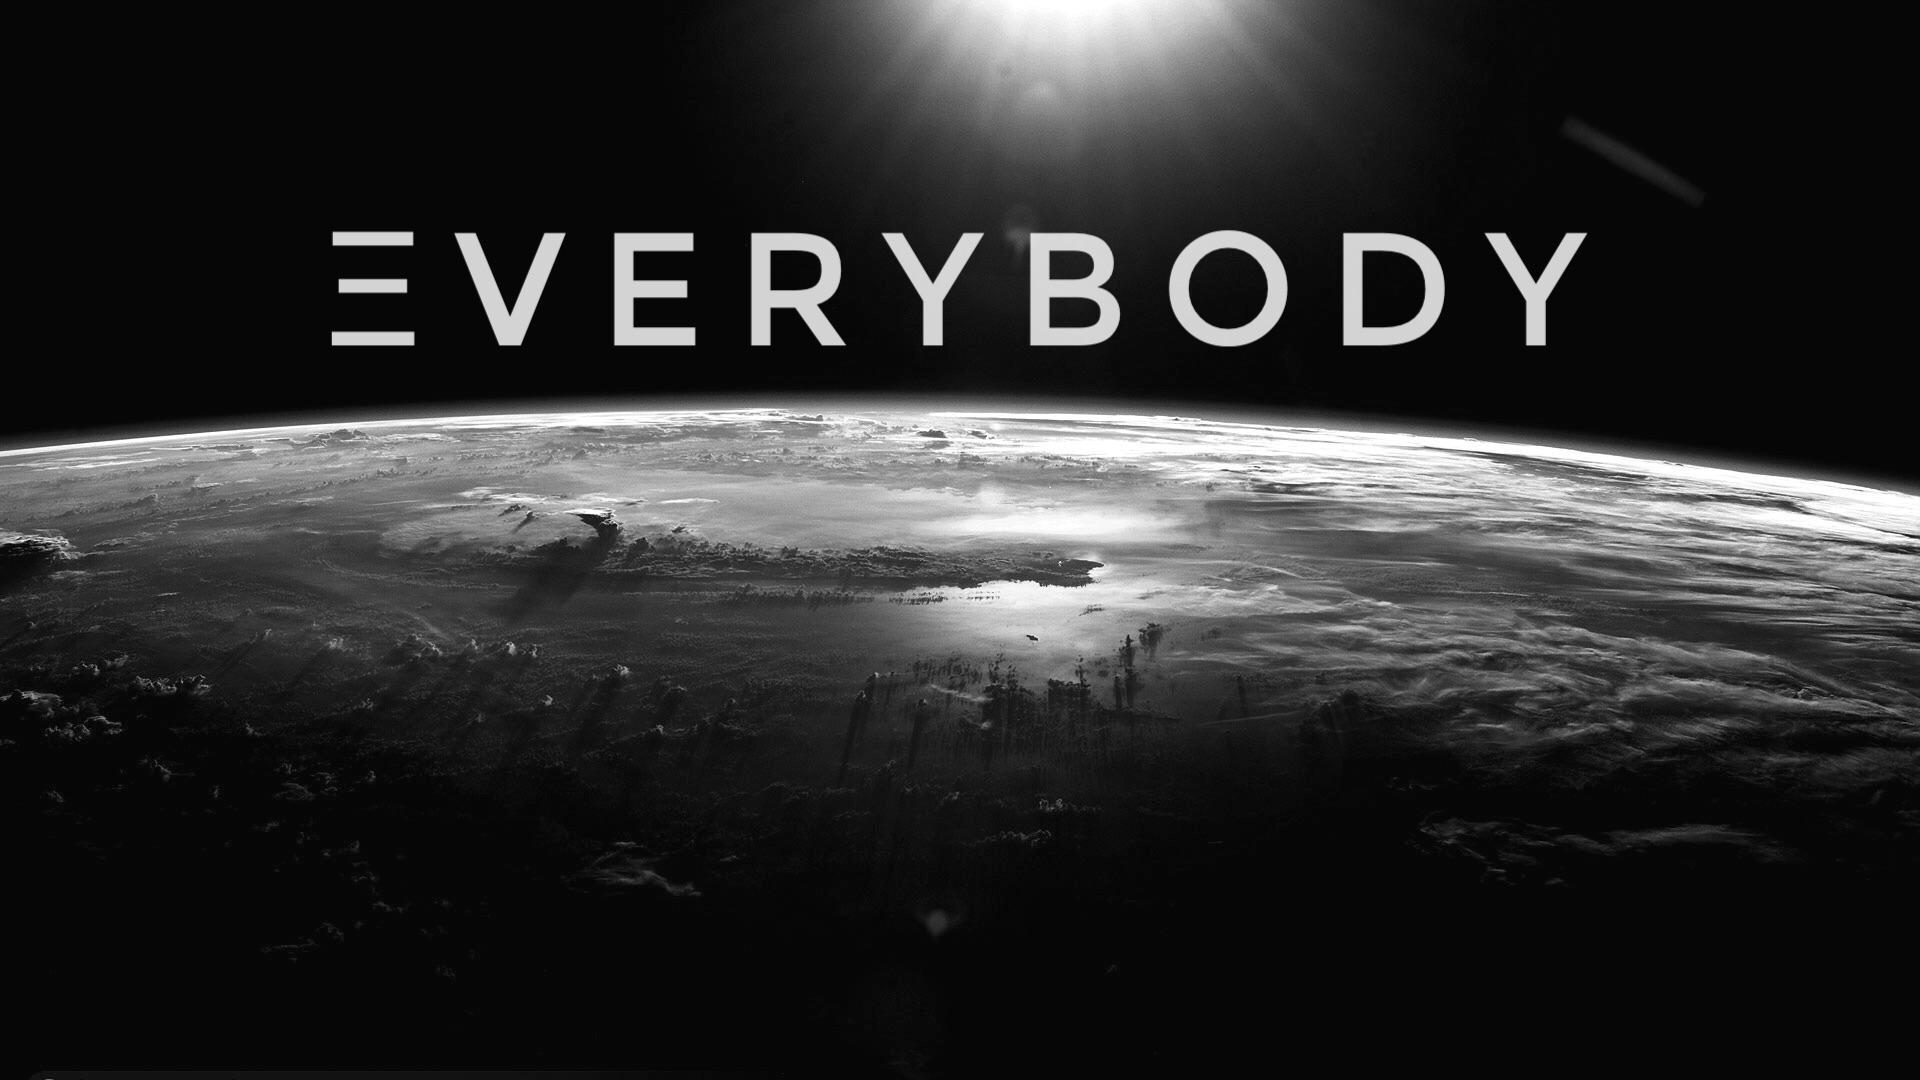 Download Wallpaper · EverybodyLogicRattPackVMG